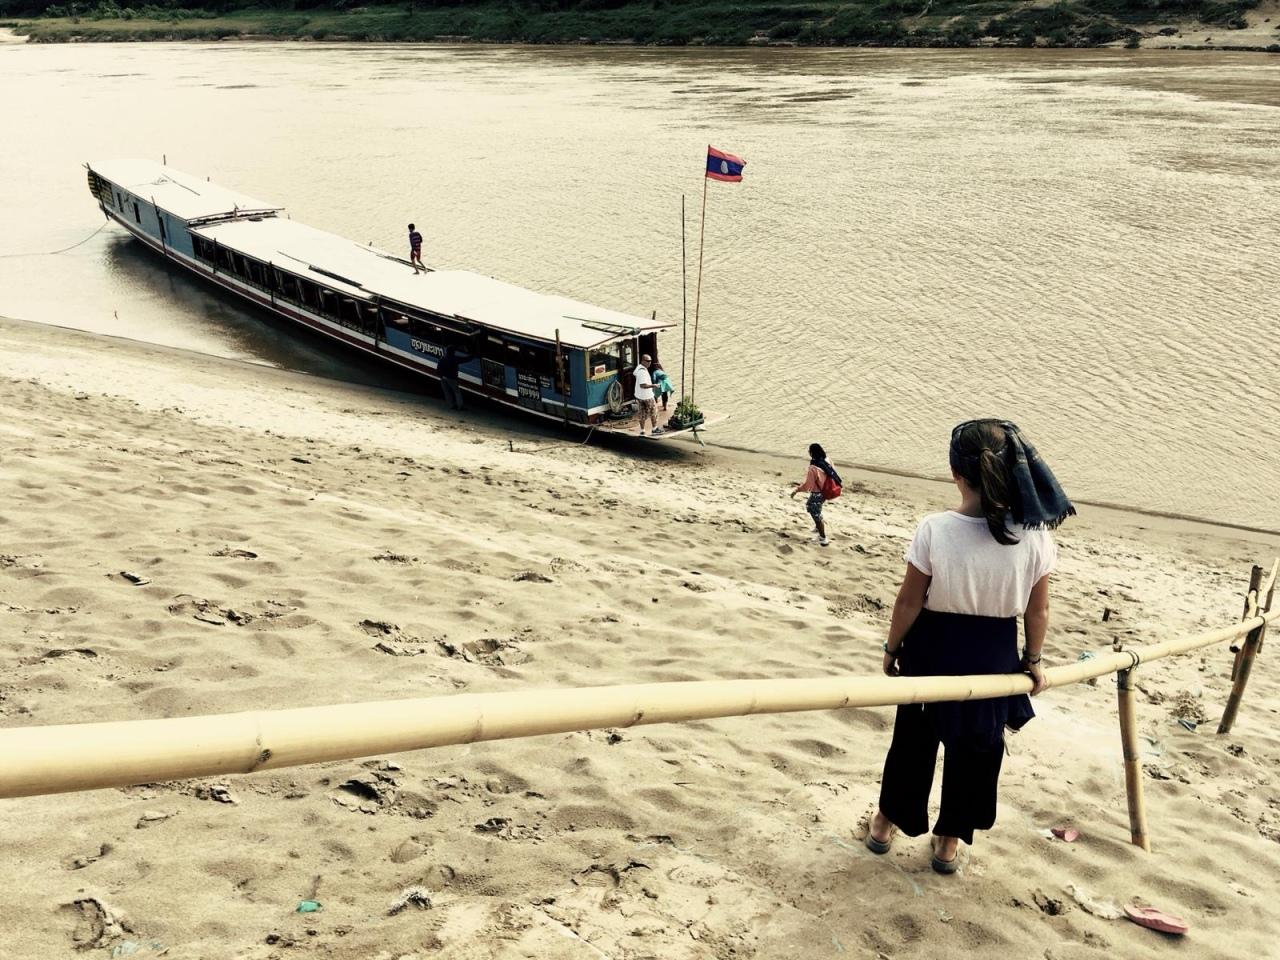 Slowboat to Laos, byWayne